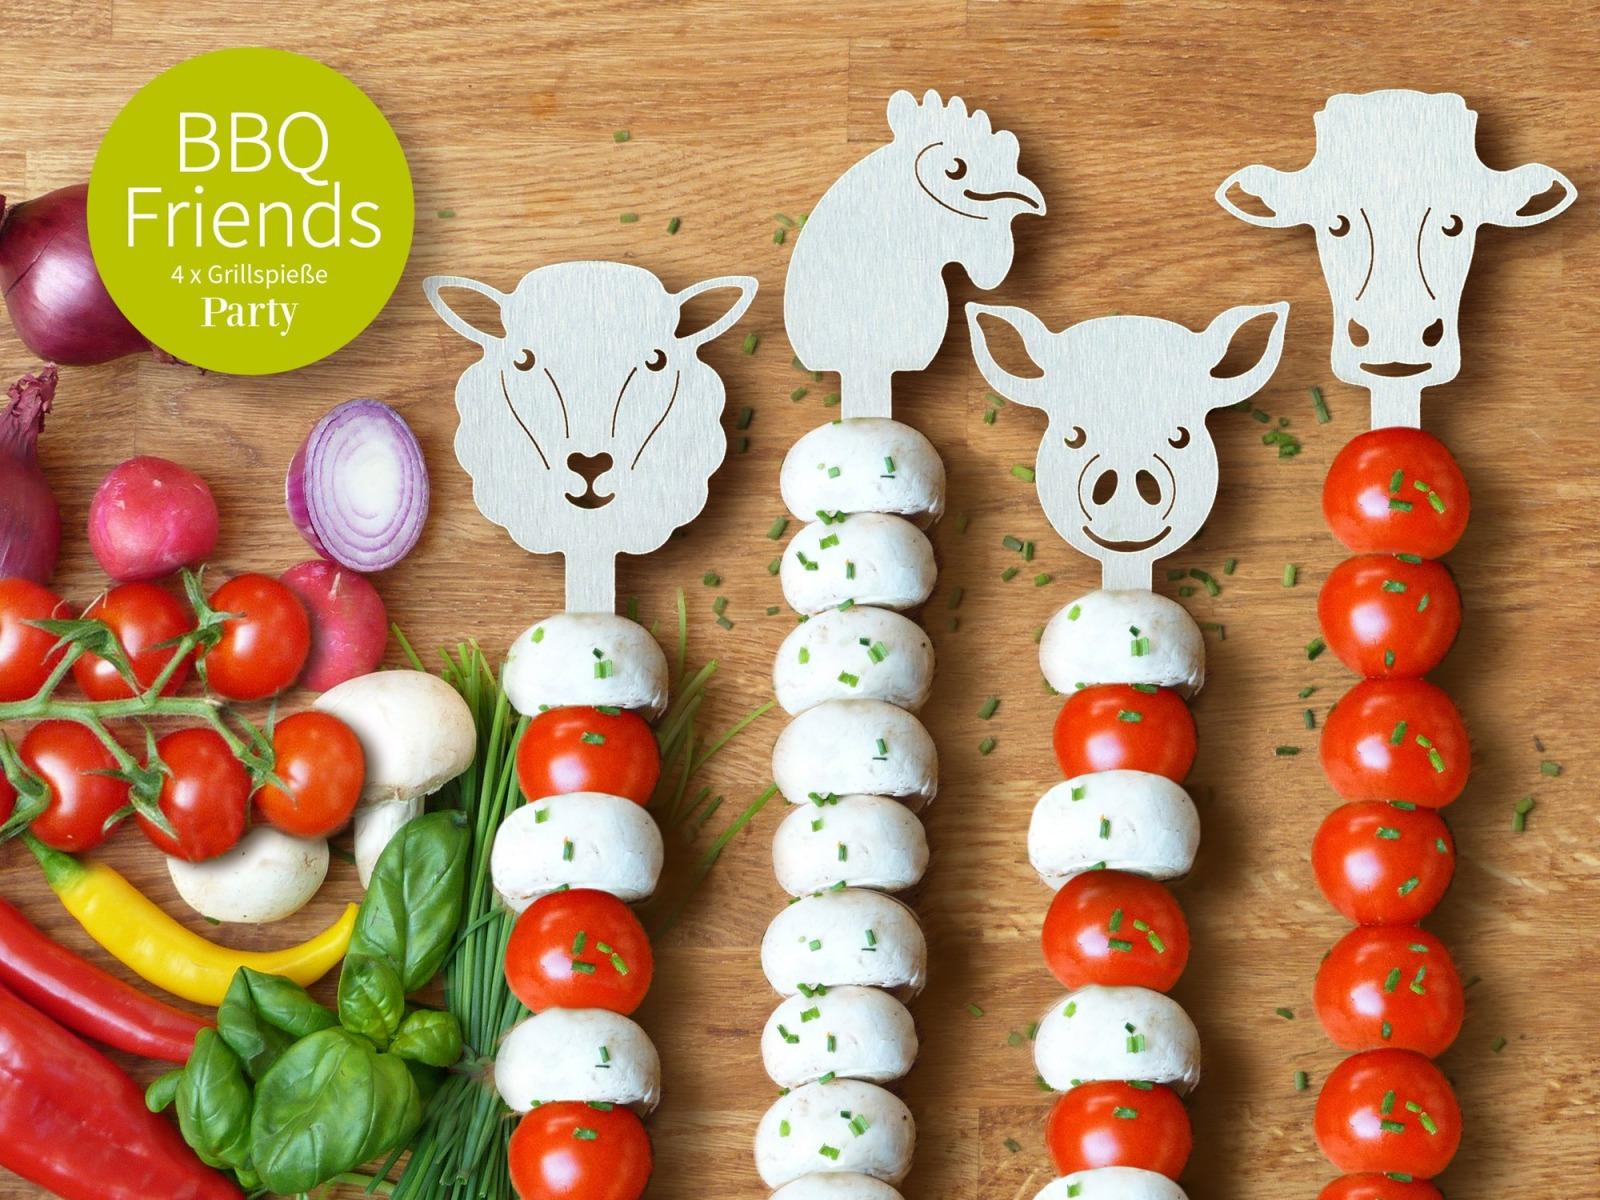 BBQ Friends Grillspieße PARTY